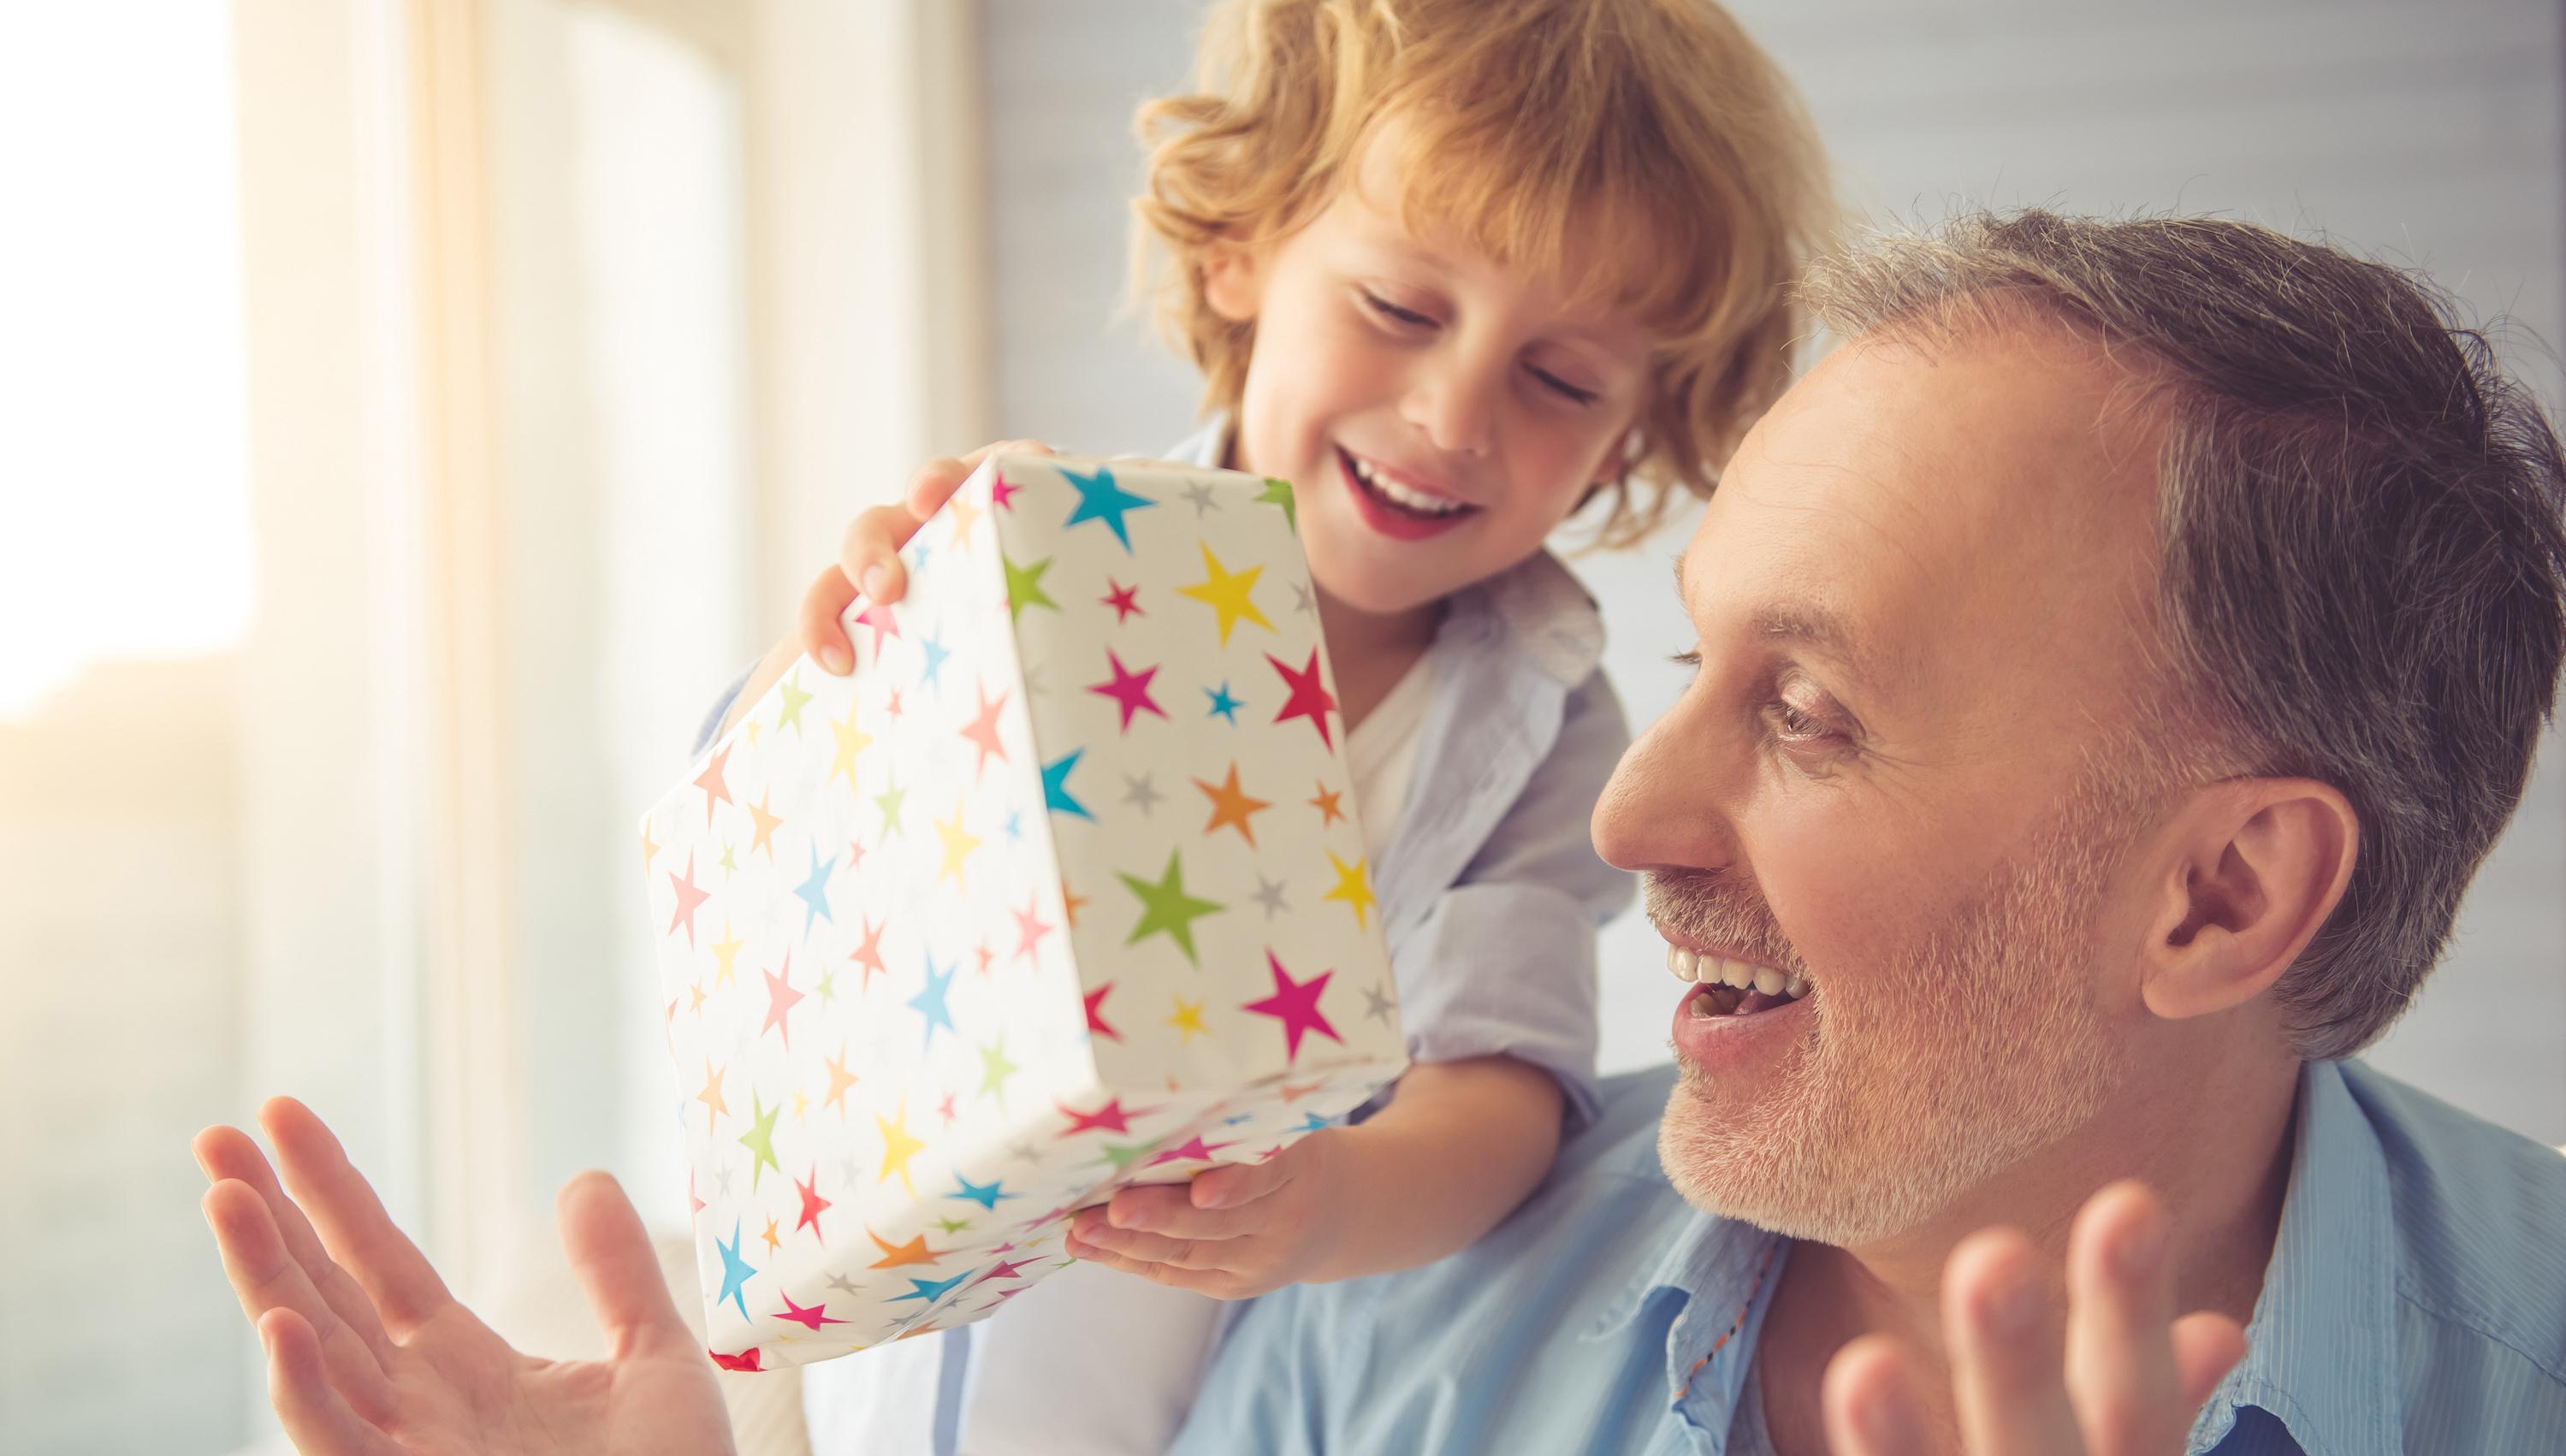 Créez votre propre journal cadeau journal d'anniversaire - Happiedays